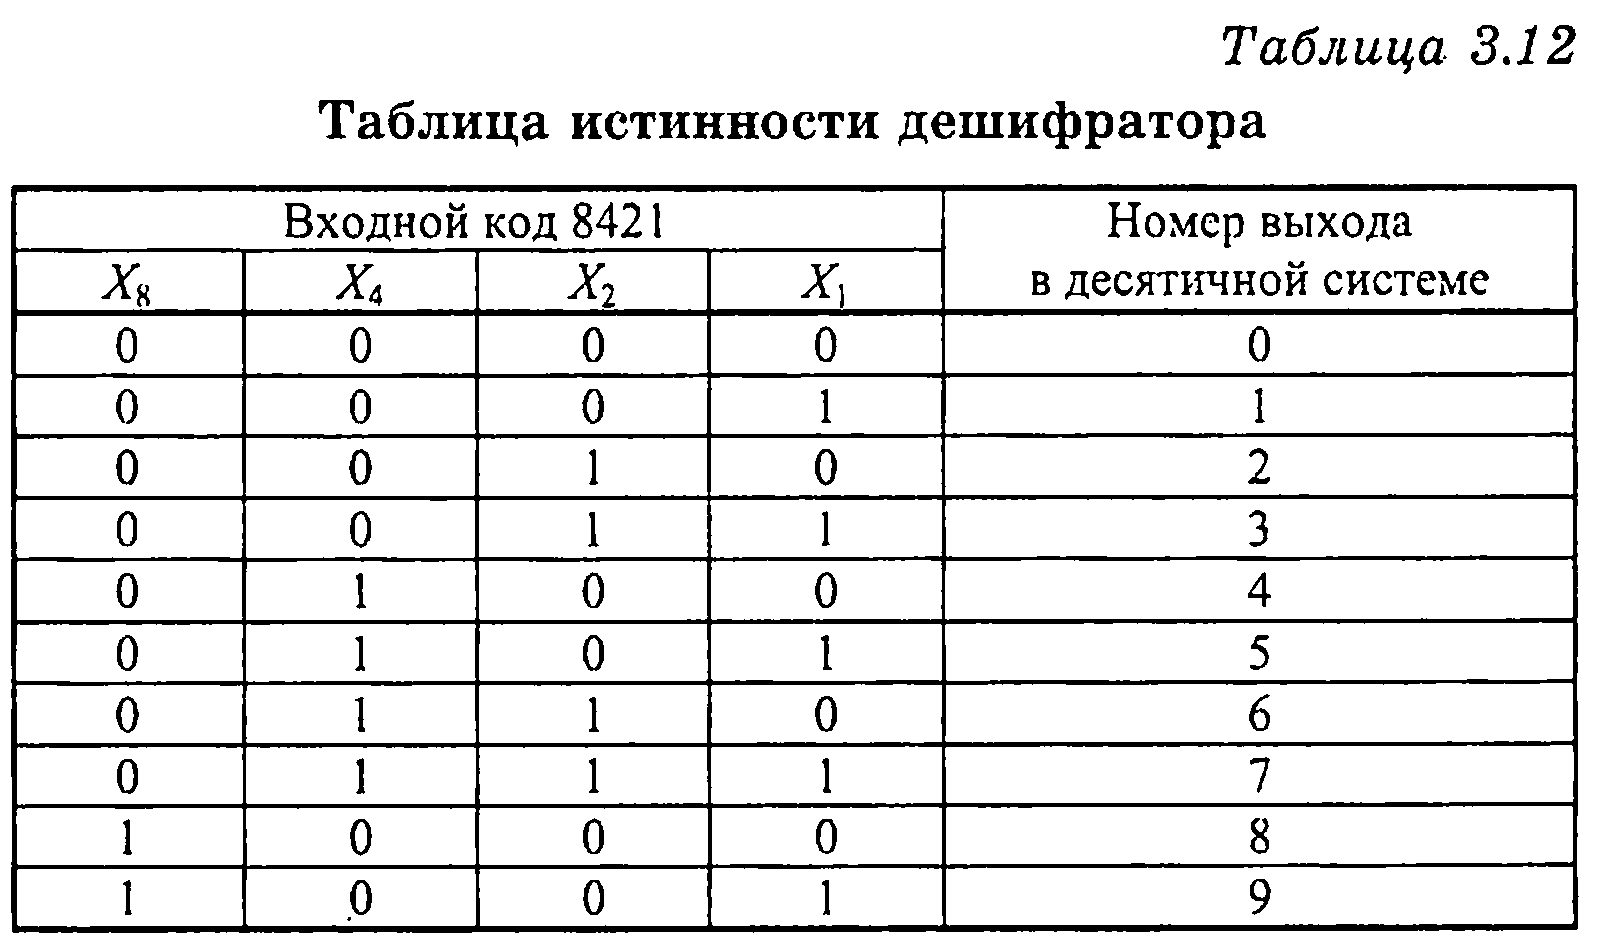 схема дешифратора и таблица истинности